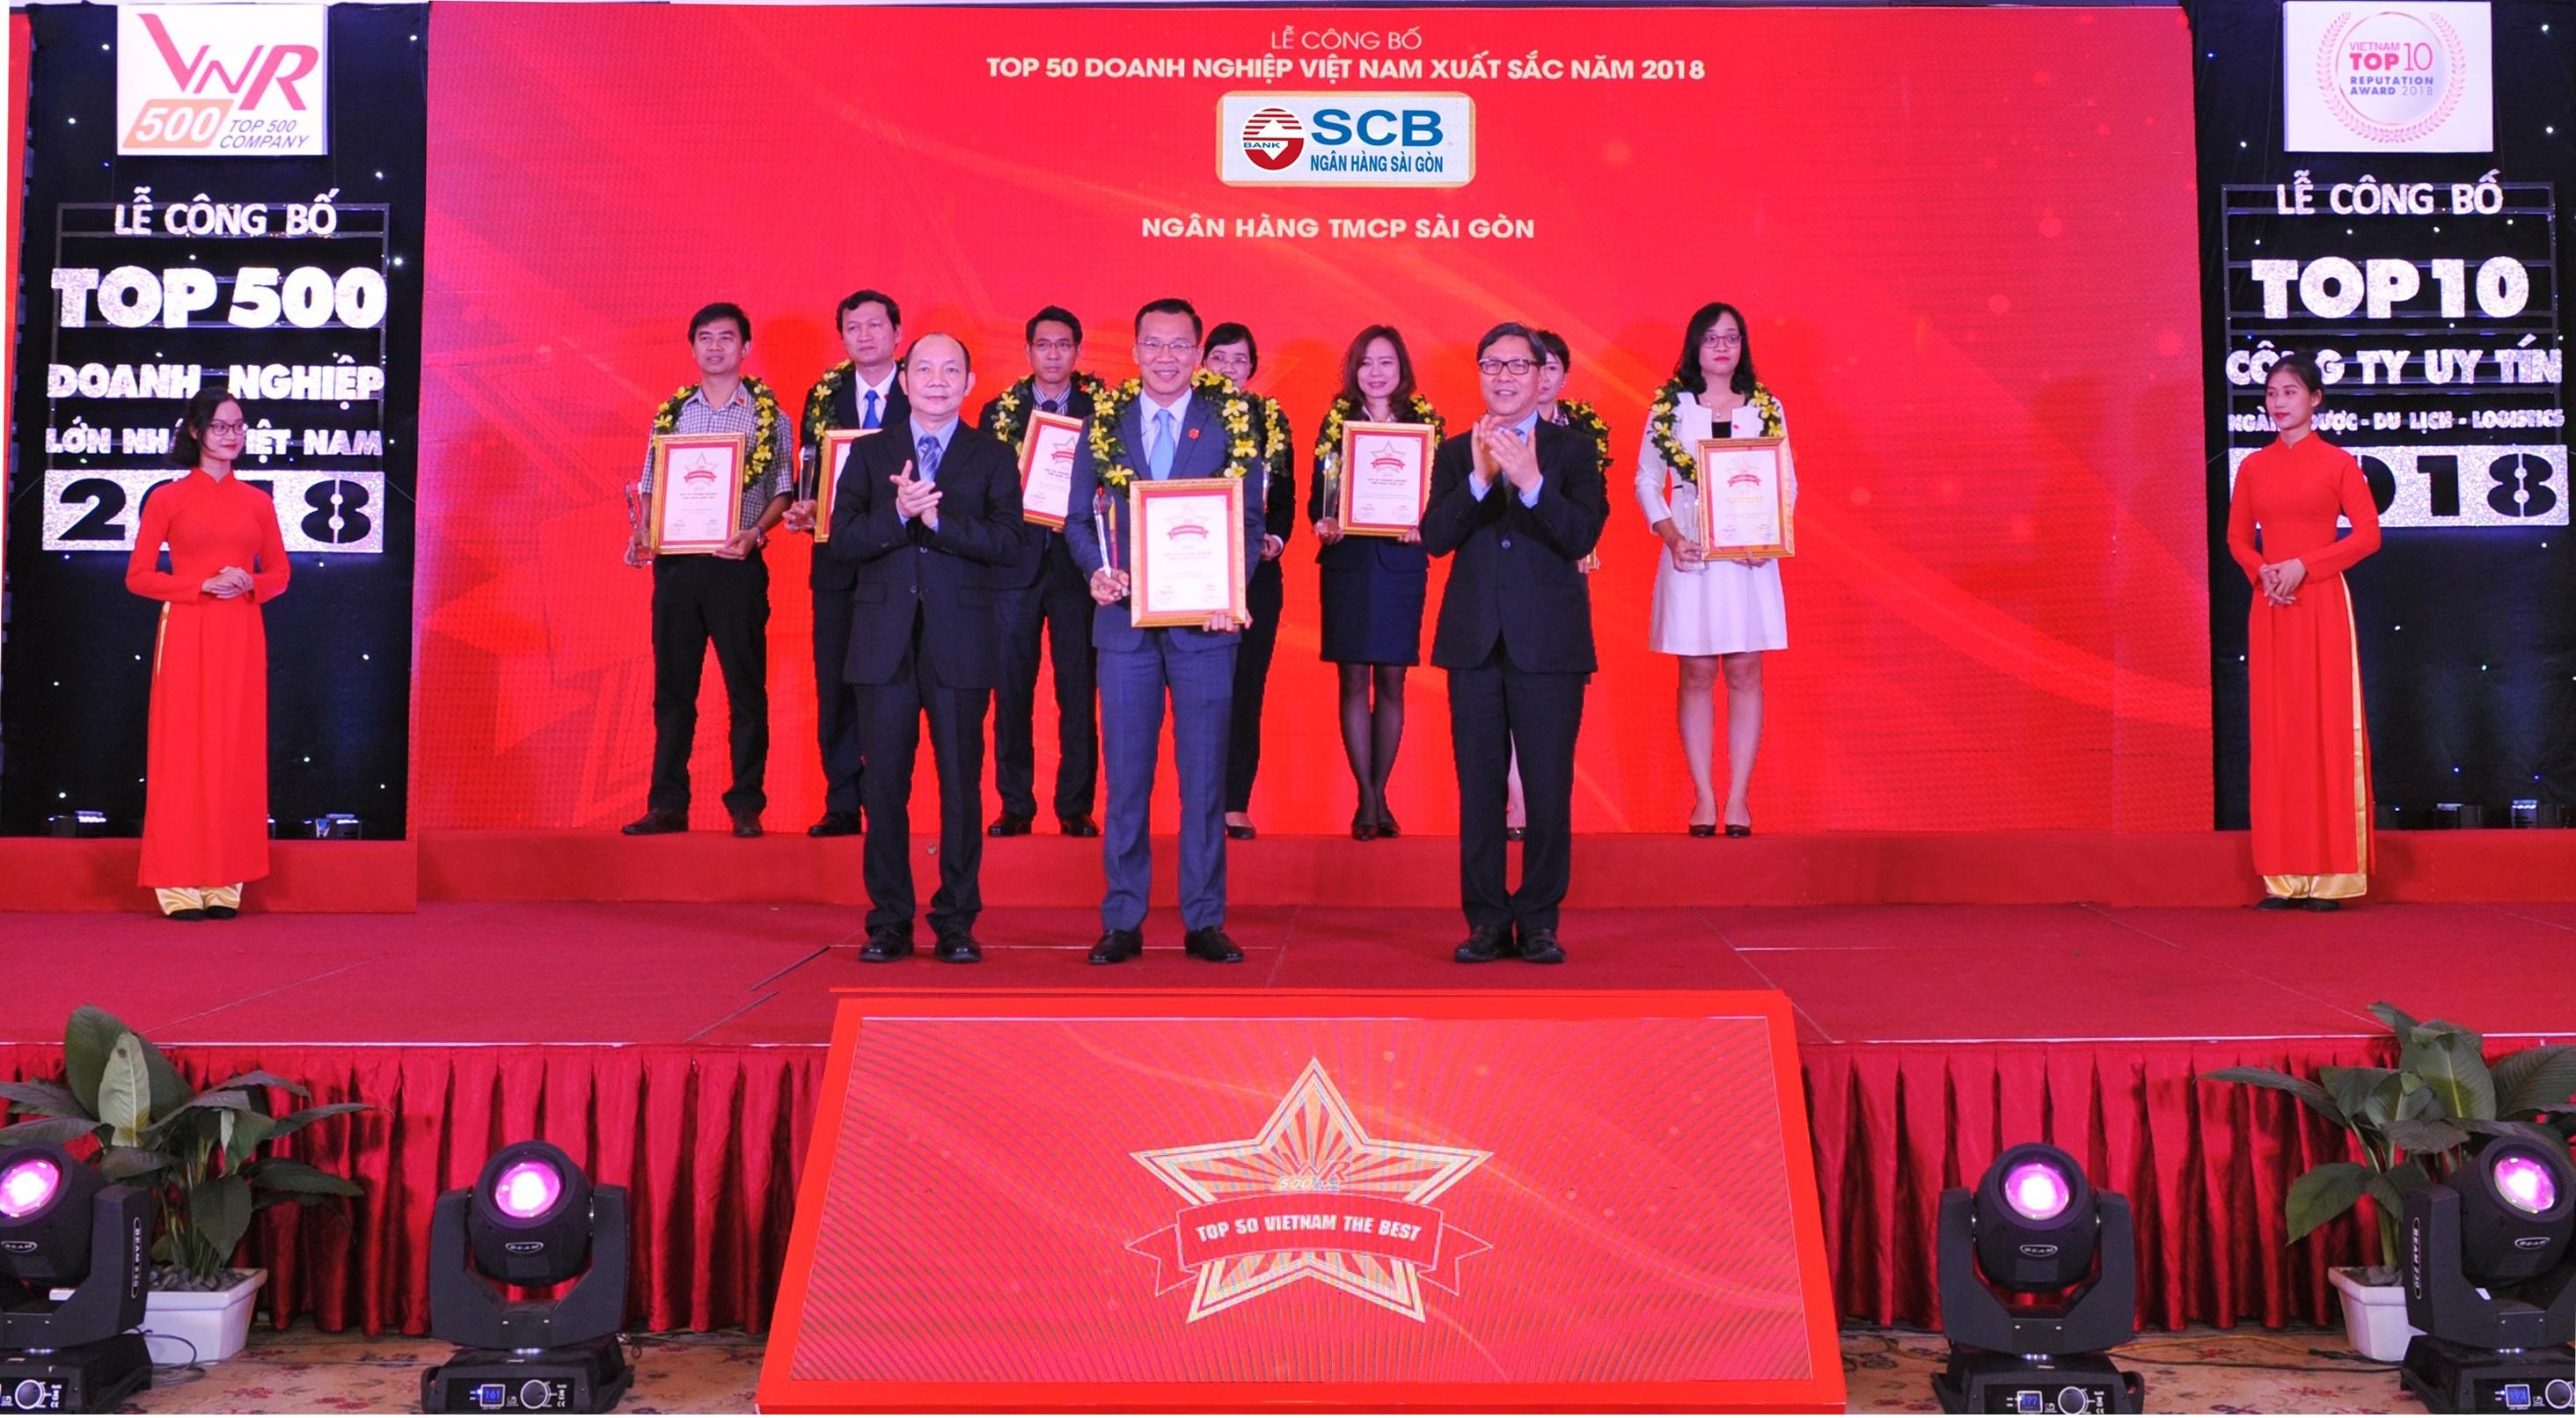 SCB nằm trong Top 50 doanh nghiệp xuất sắc nhất Việt Nam 2018